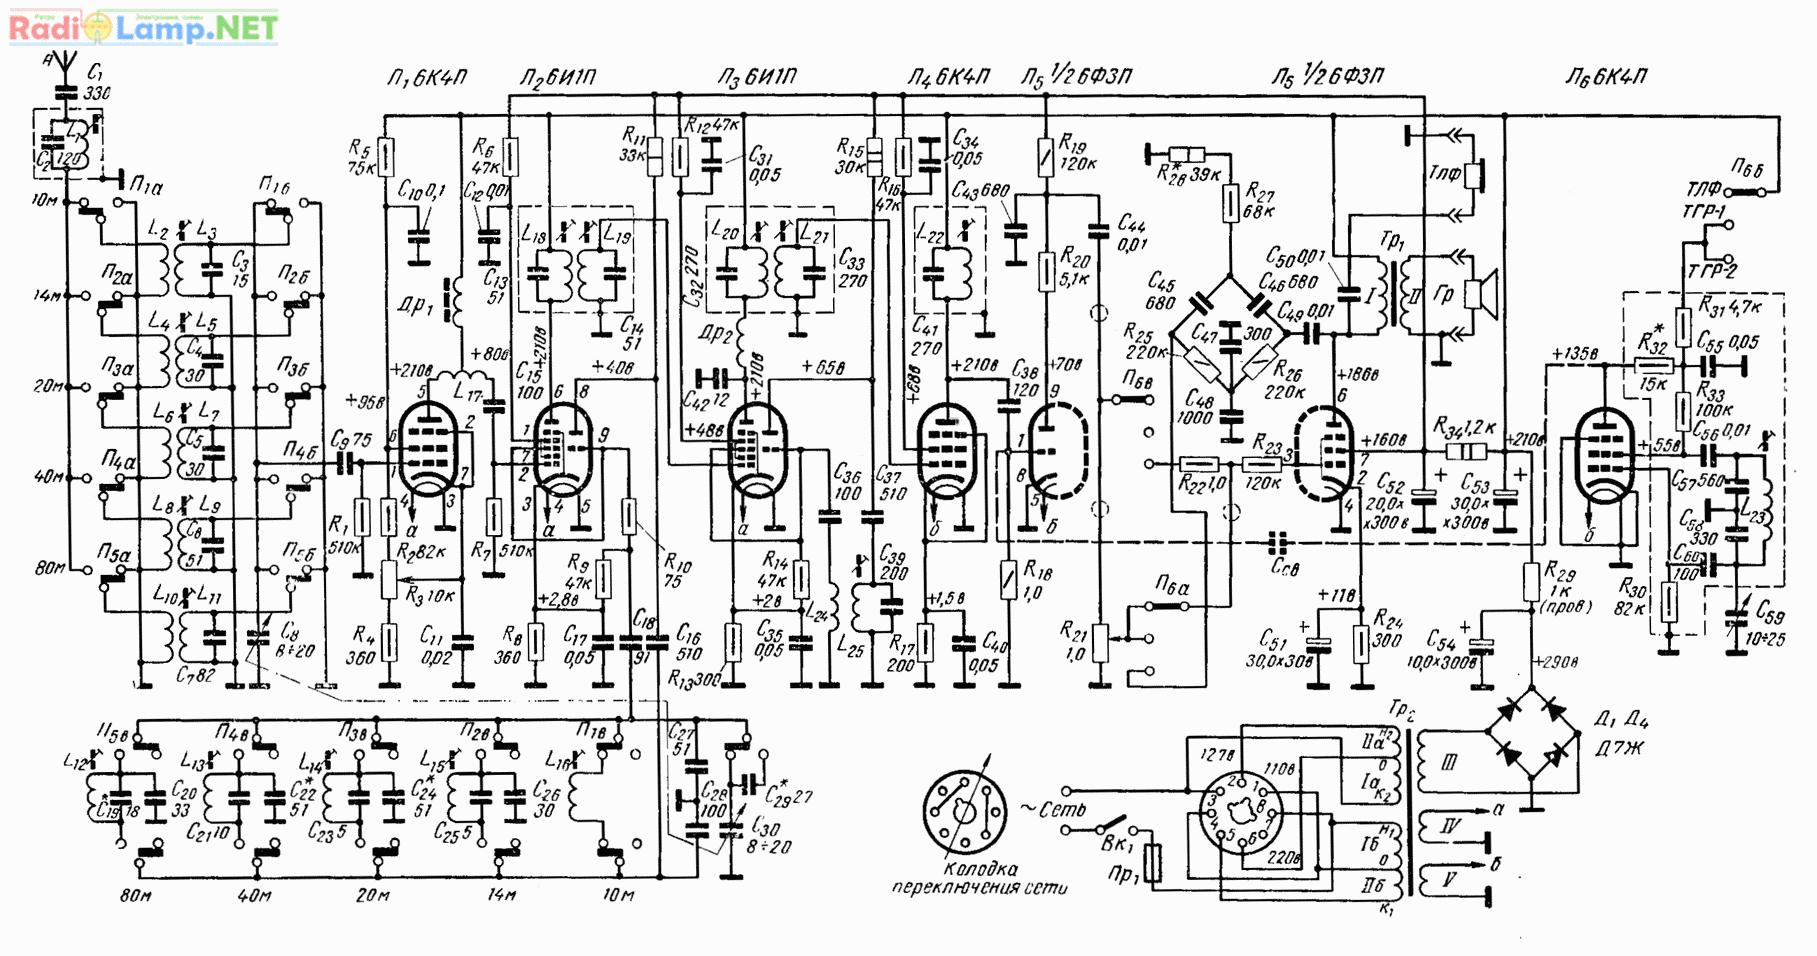 Принципиальная схема любительского КВ приемника на диапазоны 10 - 80м